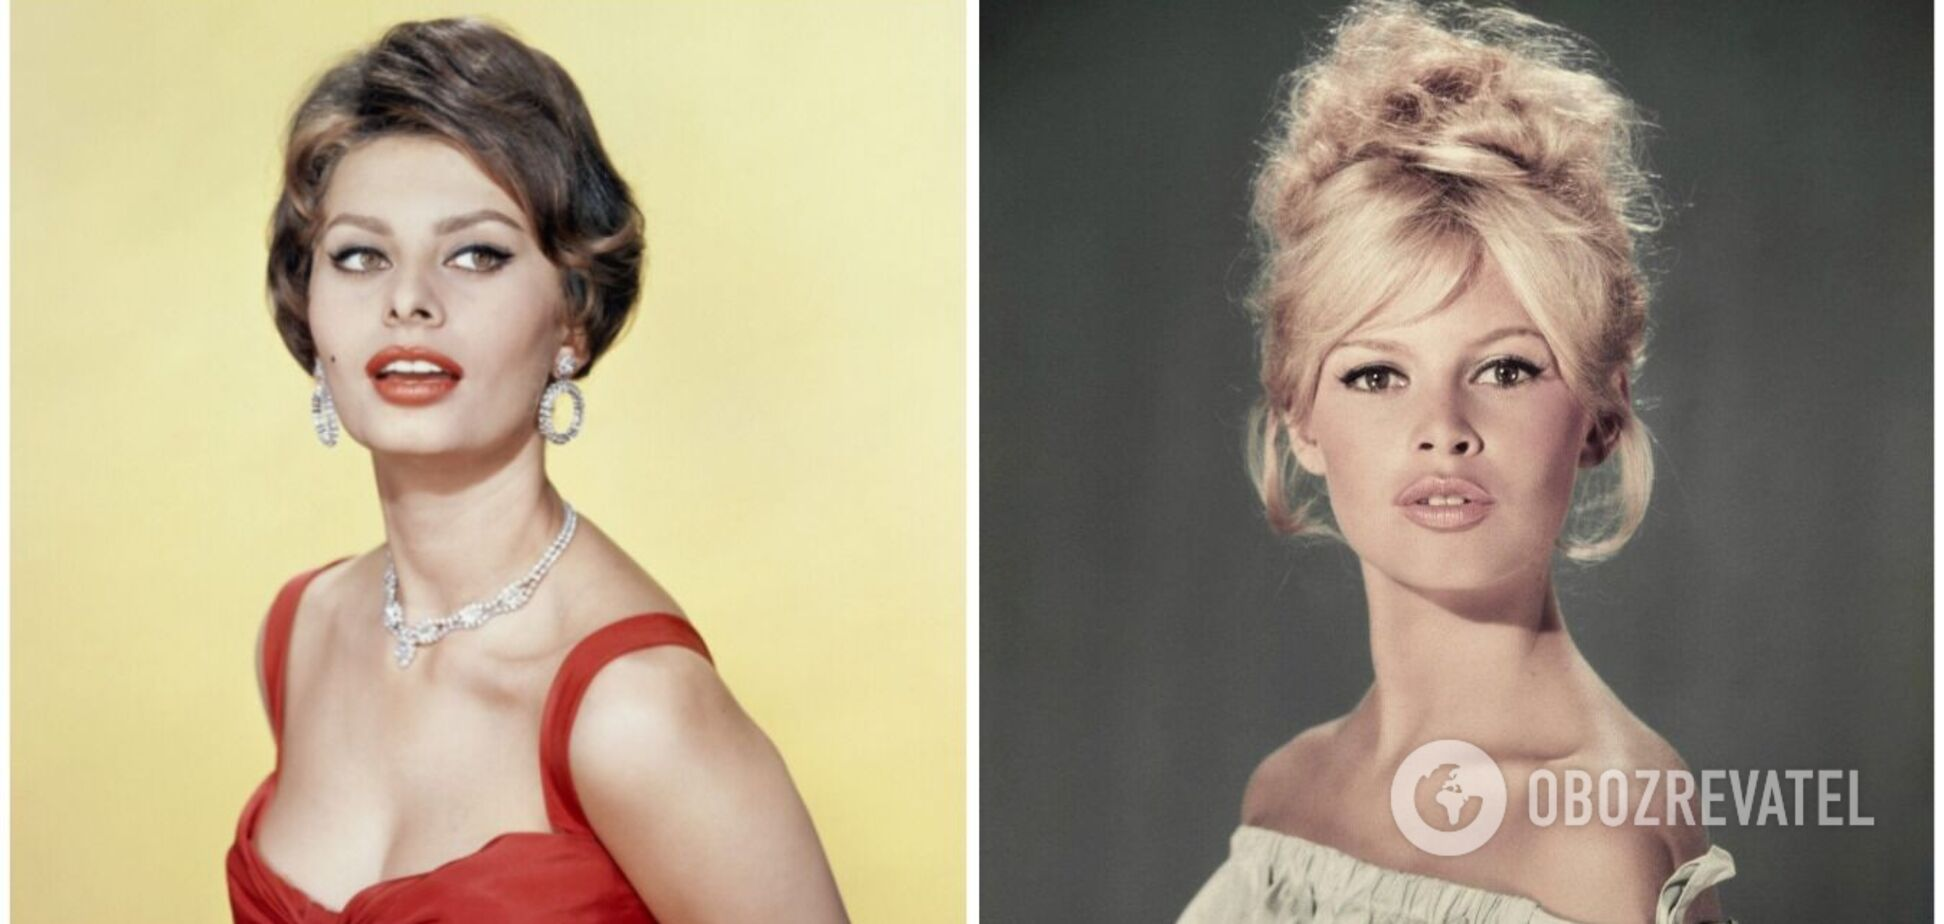 Як зараз виглядають внучки Бріжіт Бардо, Софі Лорен та інших кінозірок ХХ століття